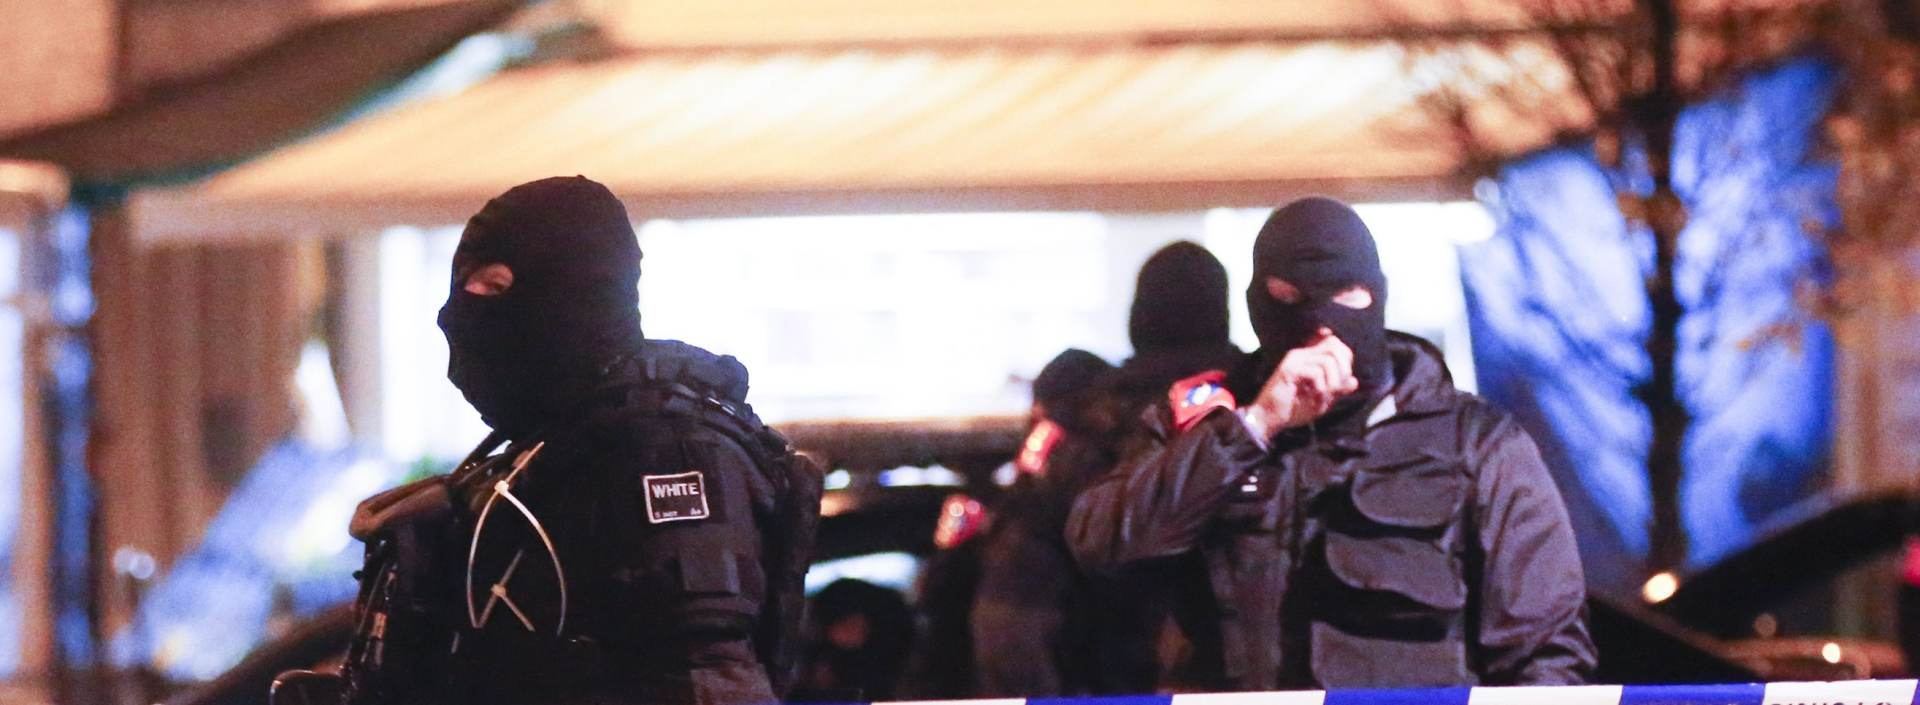 PROVEDENE RACIJE: Petorica uhićenih u Bruxellesu zbog pariških napada